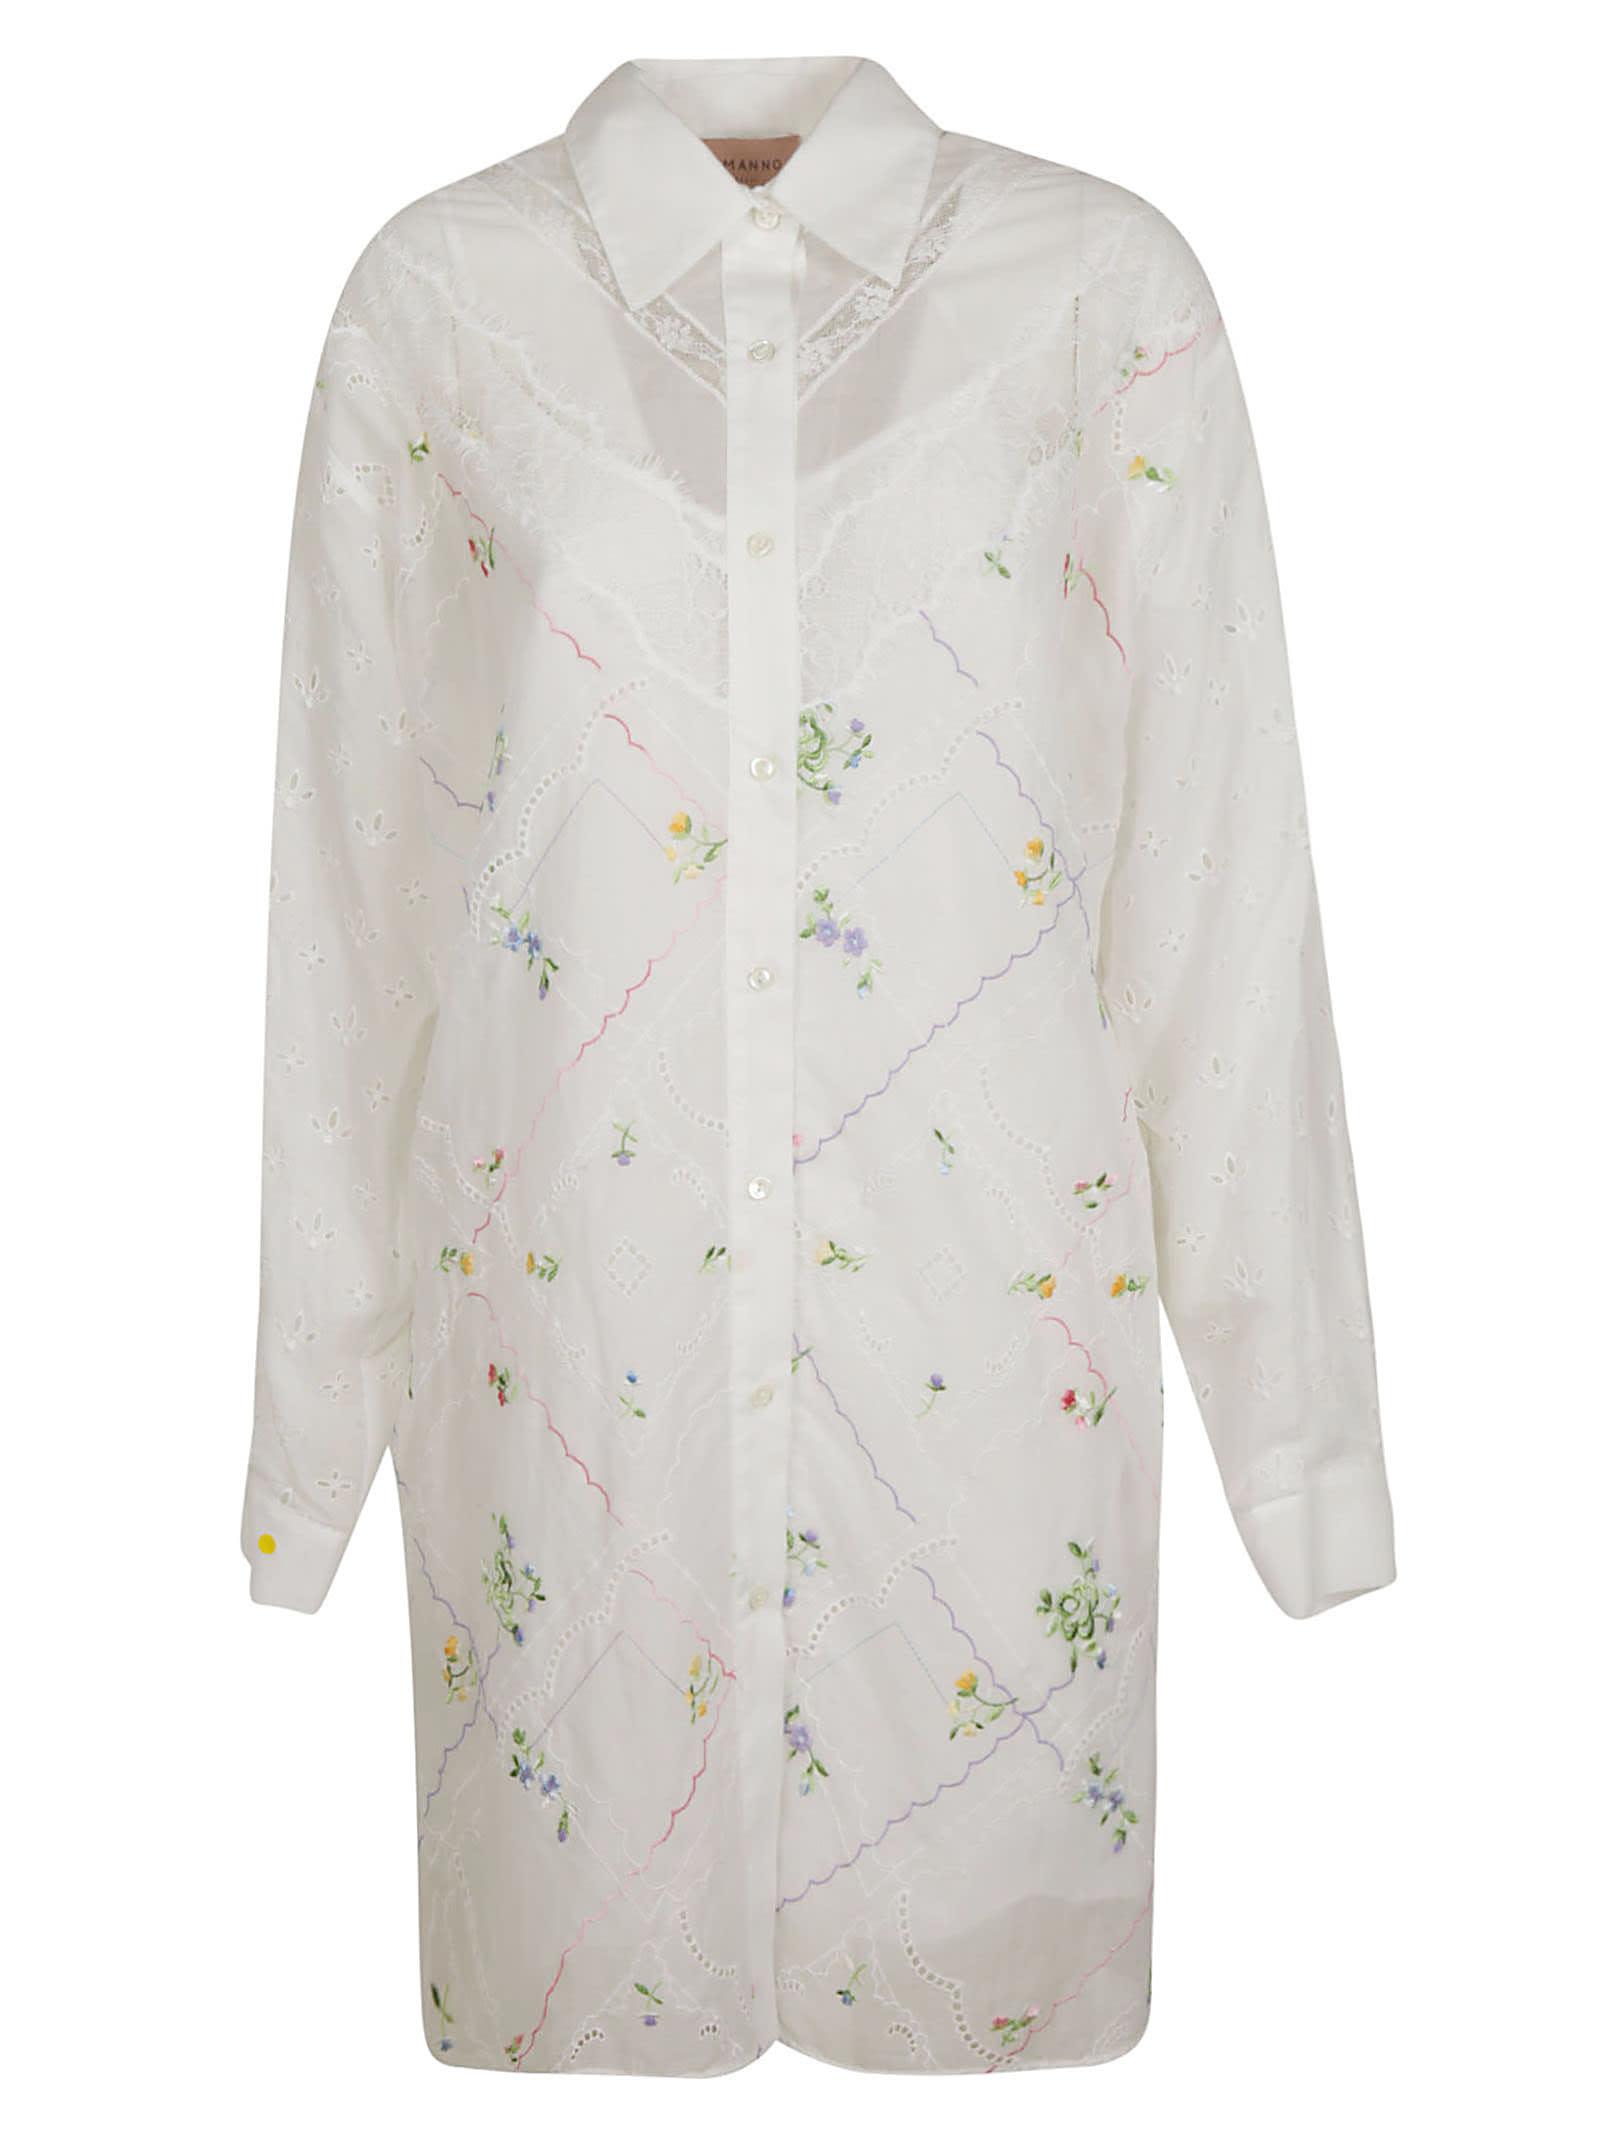 Ermanno Scervino Floral Embroidered Shirt Dress